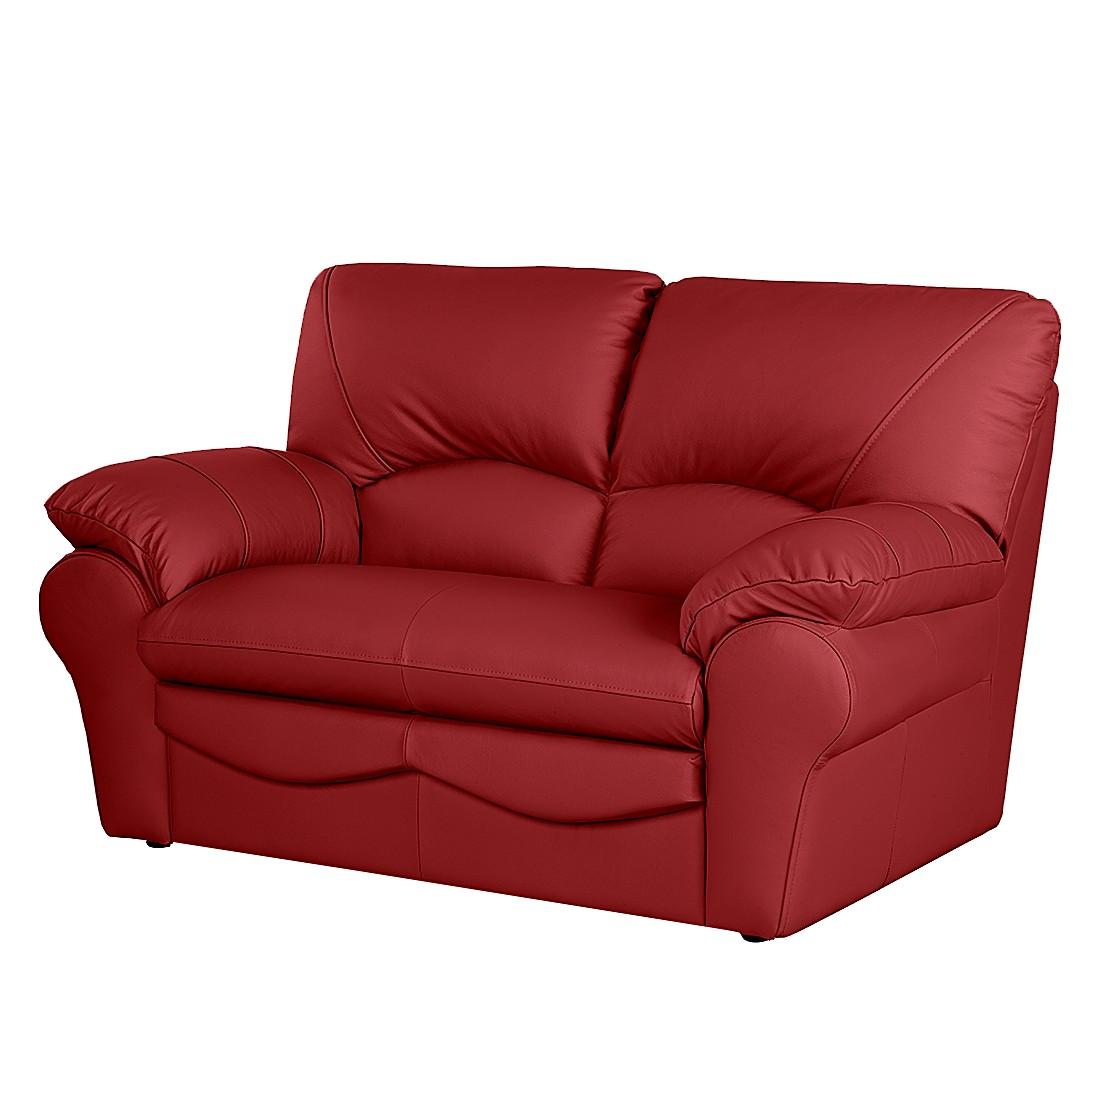 Sofa Torsby (2-Sitzer) – Echtleder Rot, Nuovoform kaufen